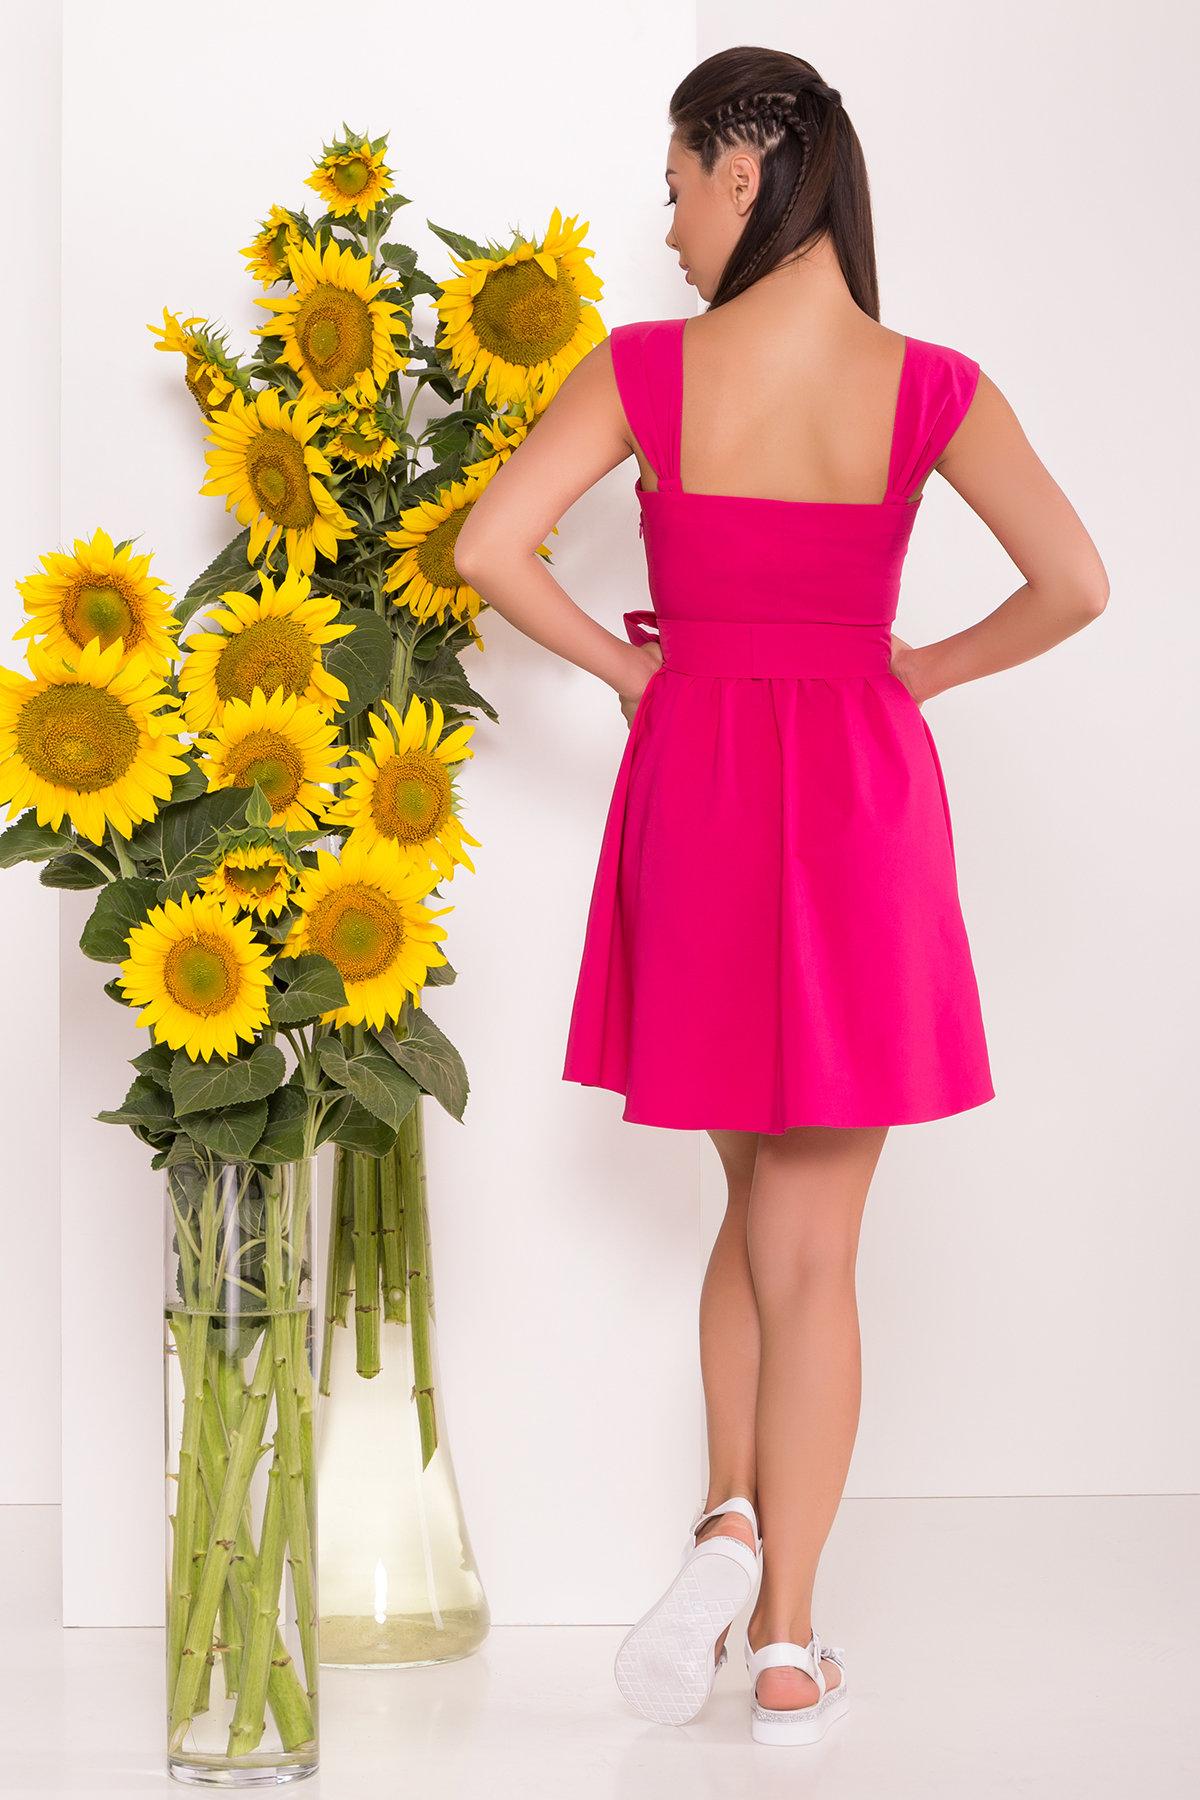 Платье Джонни 7413 АРТ. 43543 Цвет: Коралл - фото 2, интернет магазин tm-modus.ru